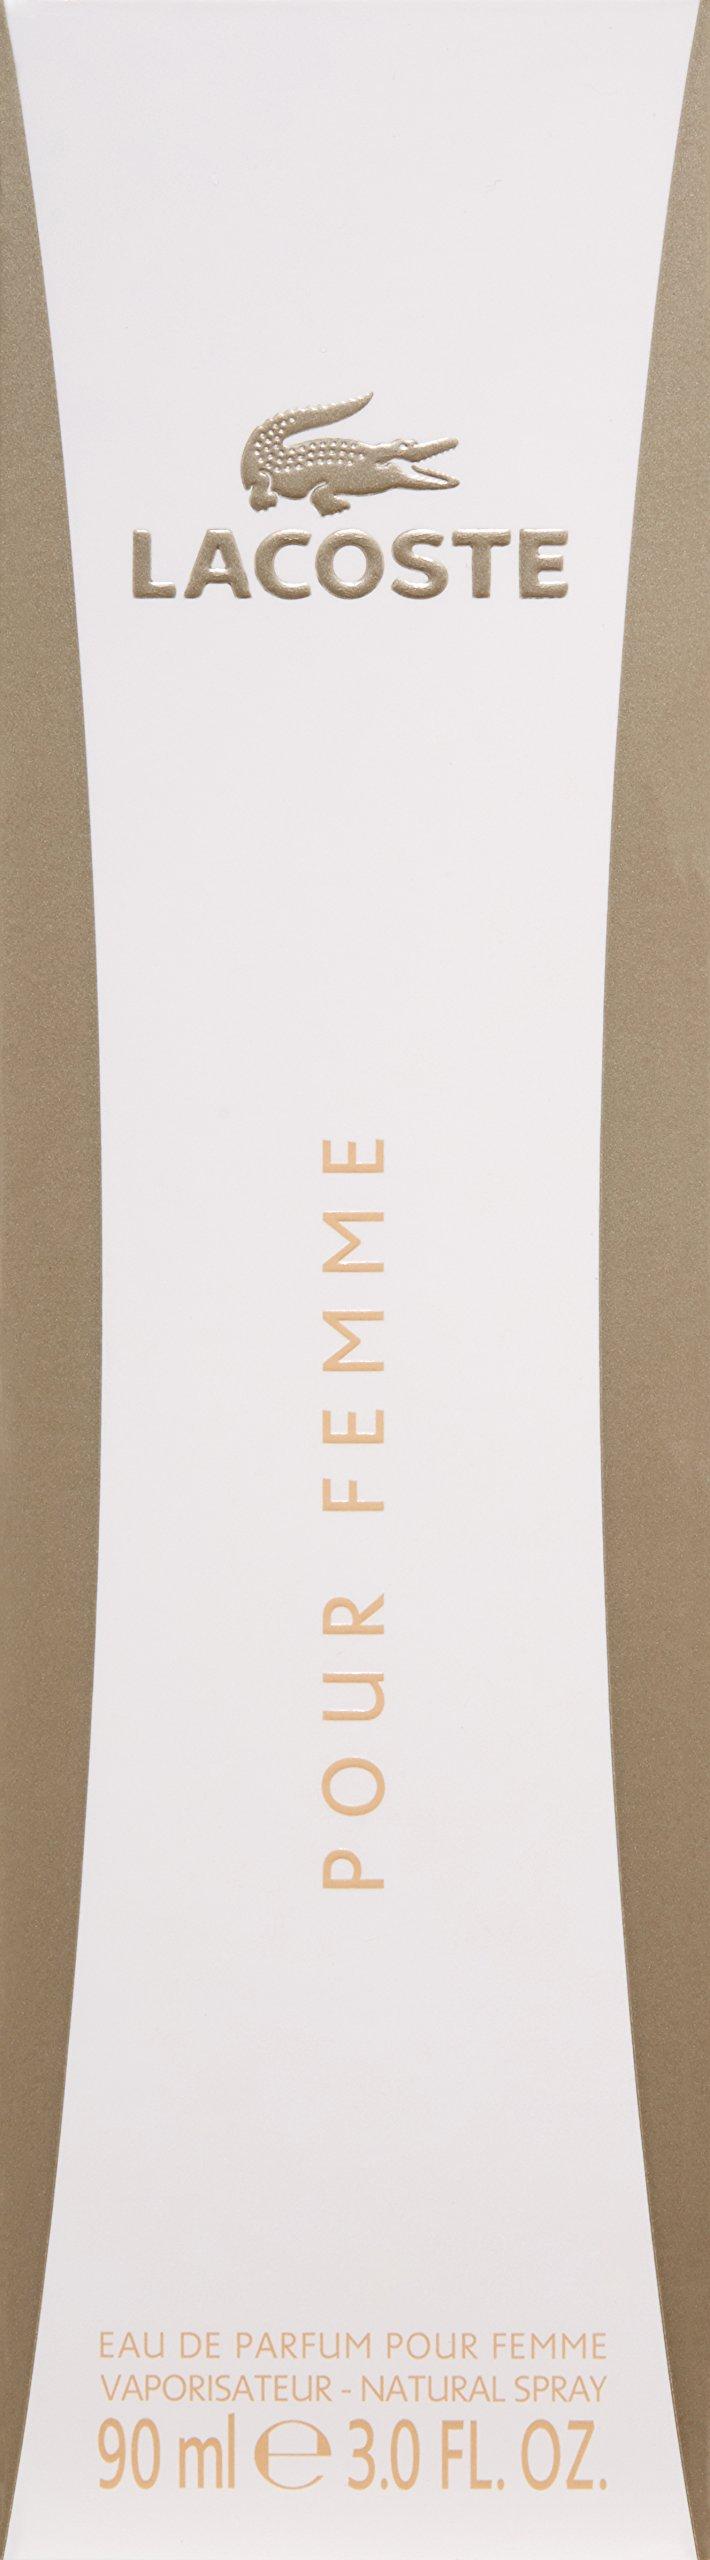 Lacoste Pour Femme Eau de Parfum for Women